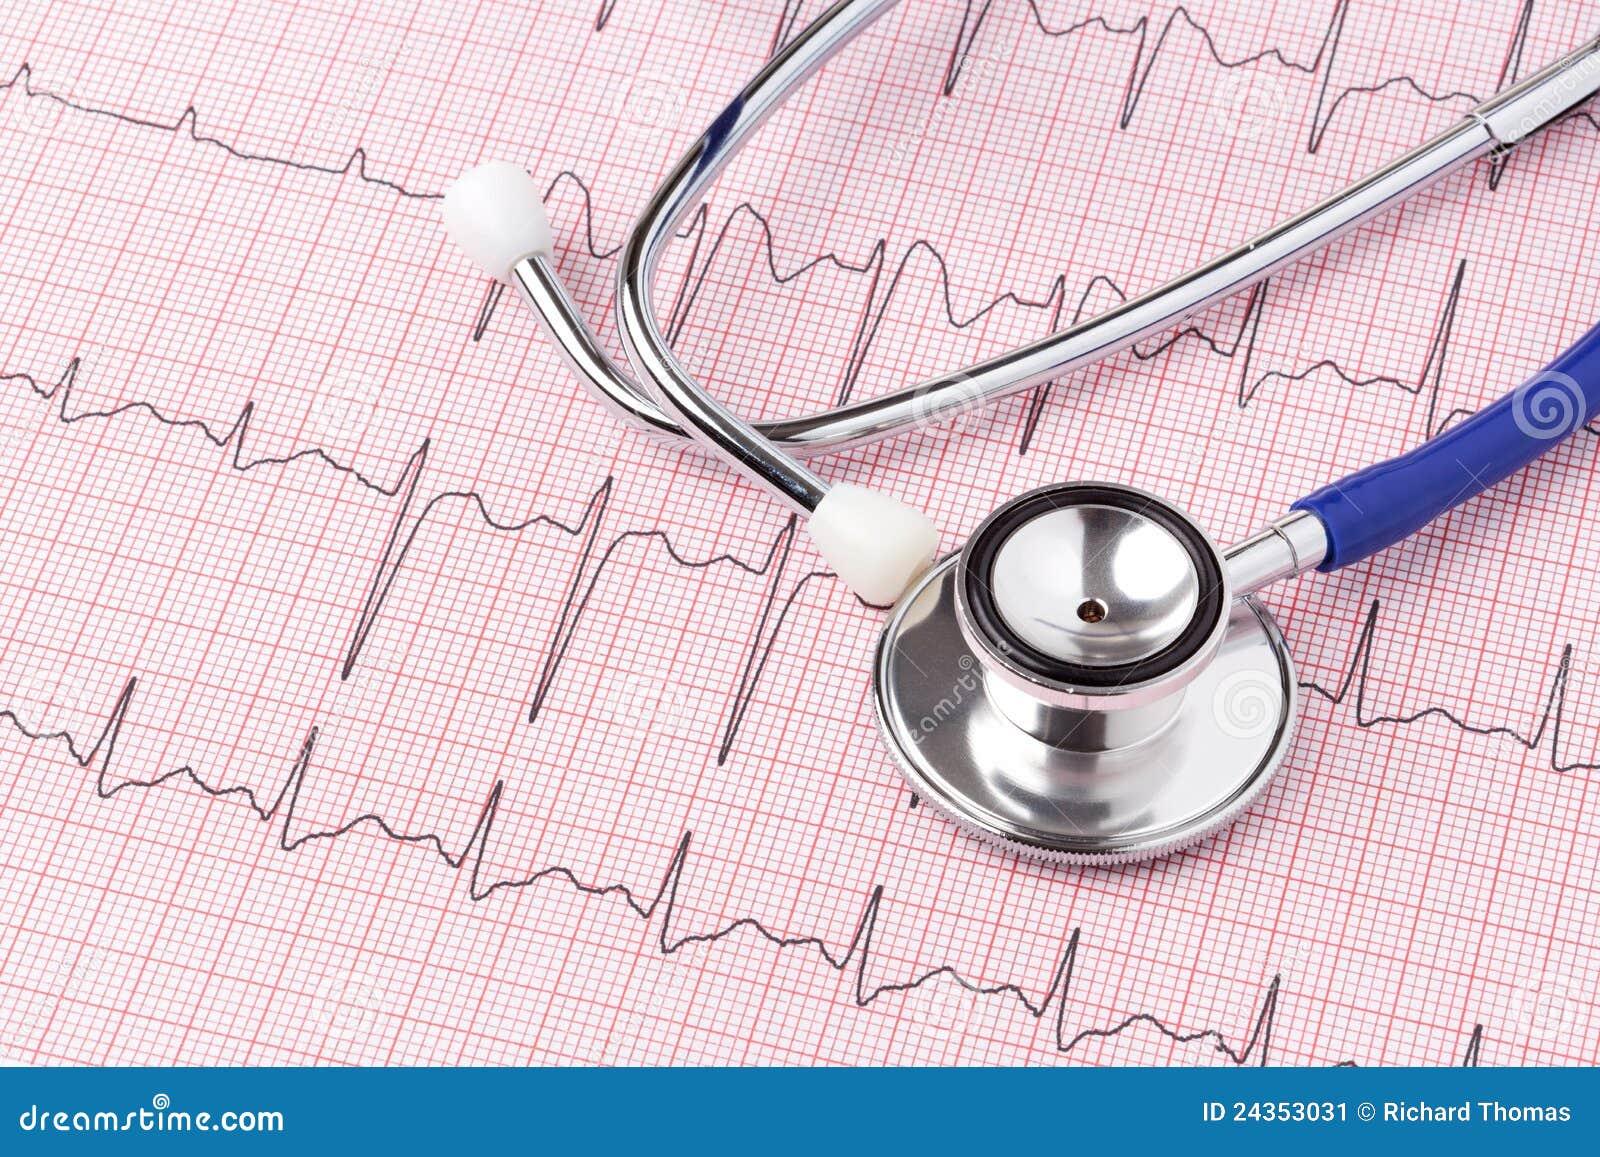 Elektrokardiogramm und Stethoskop